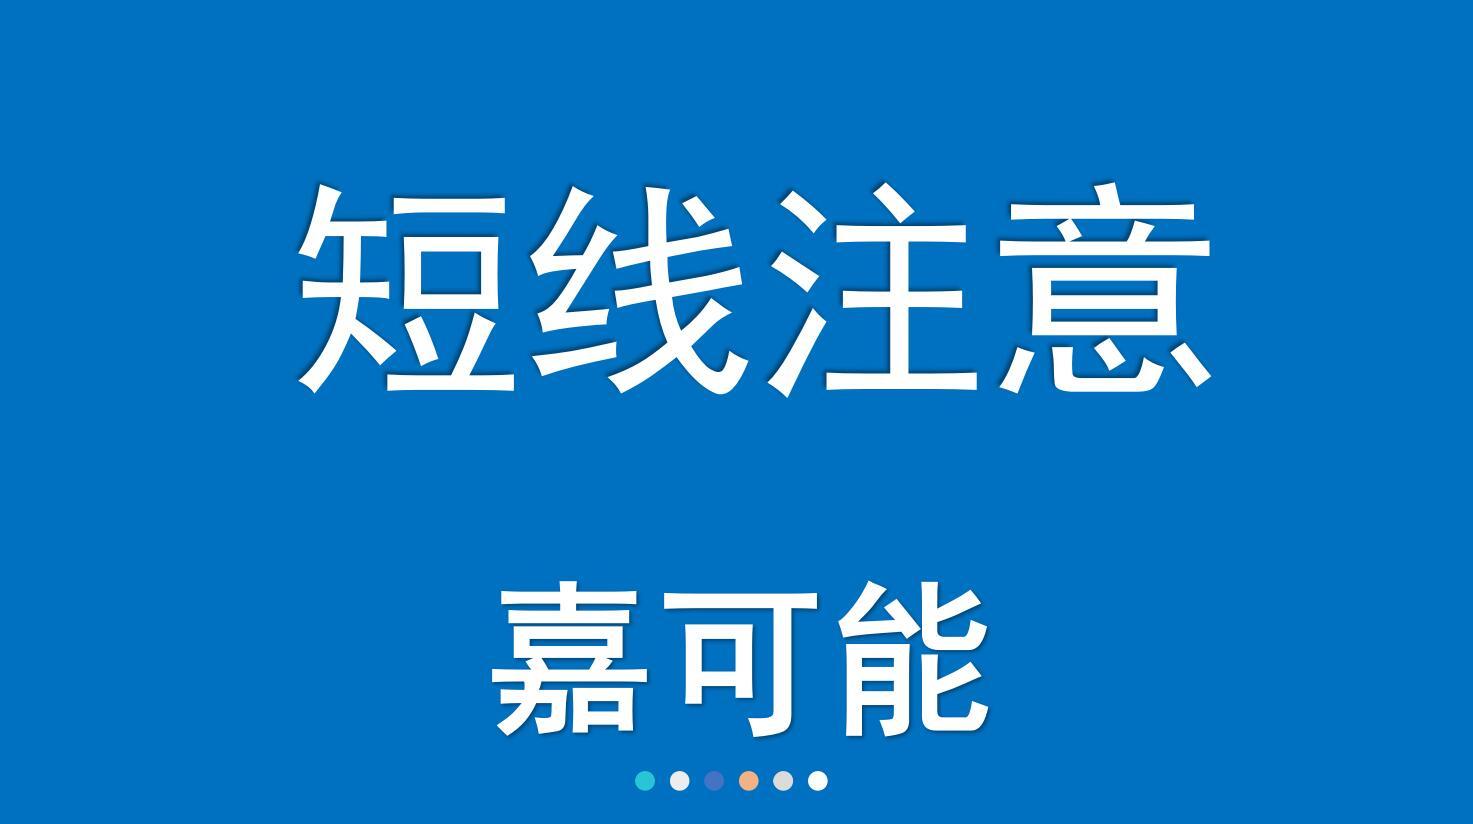 医药板块涨停潮,华东医药、爱美客、水井坊、迎驾贡酒新高!(04月21日)